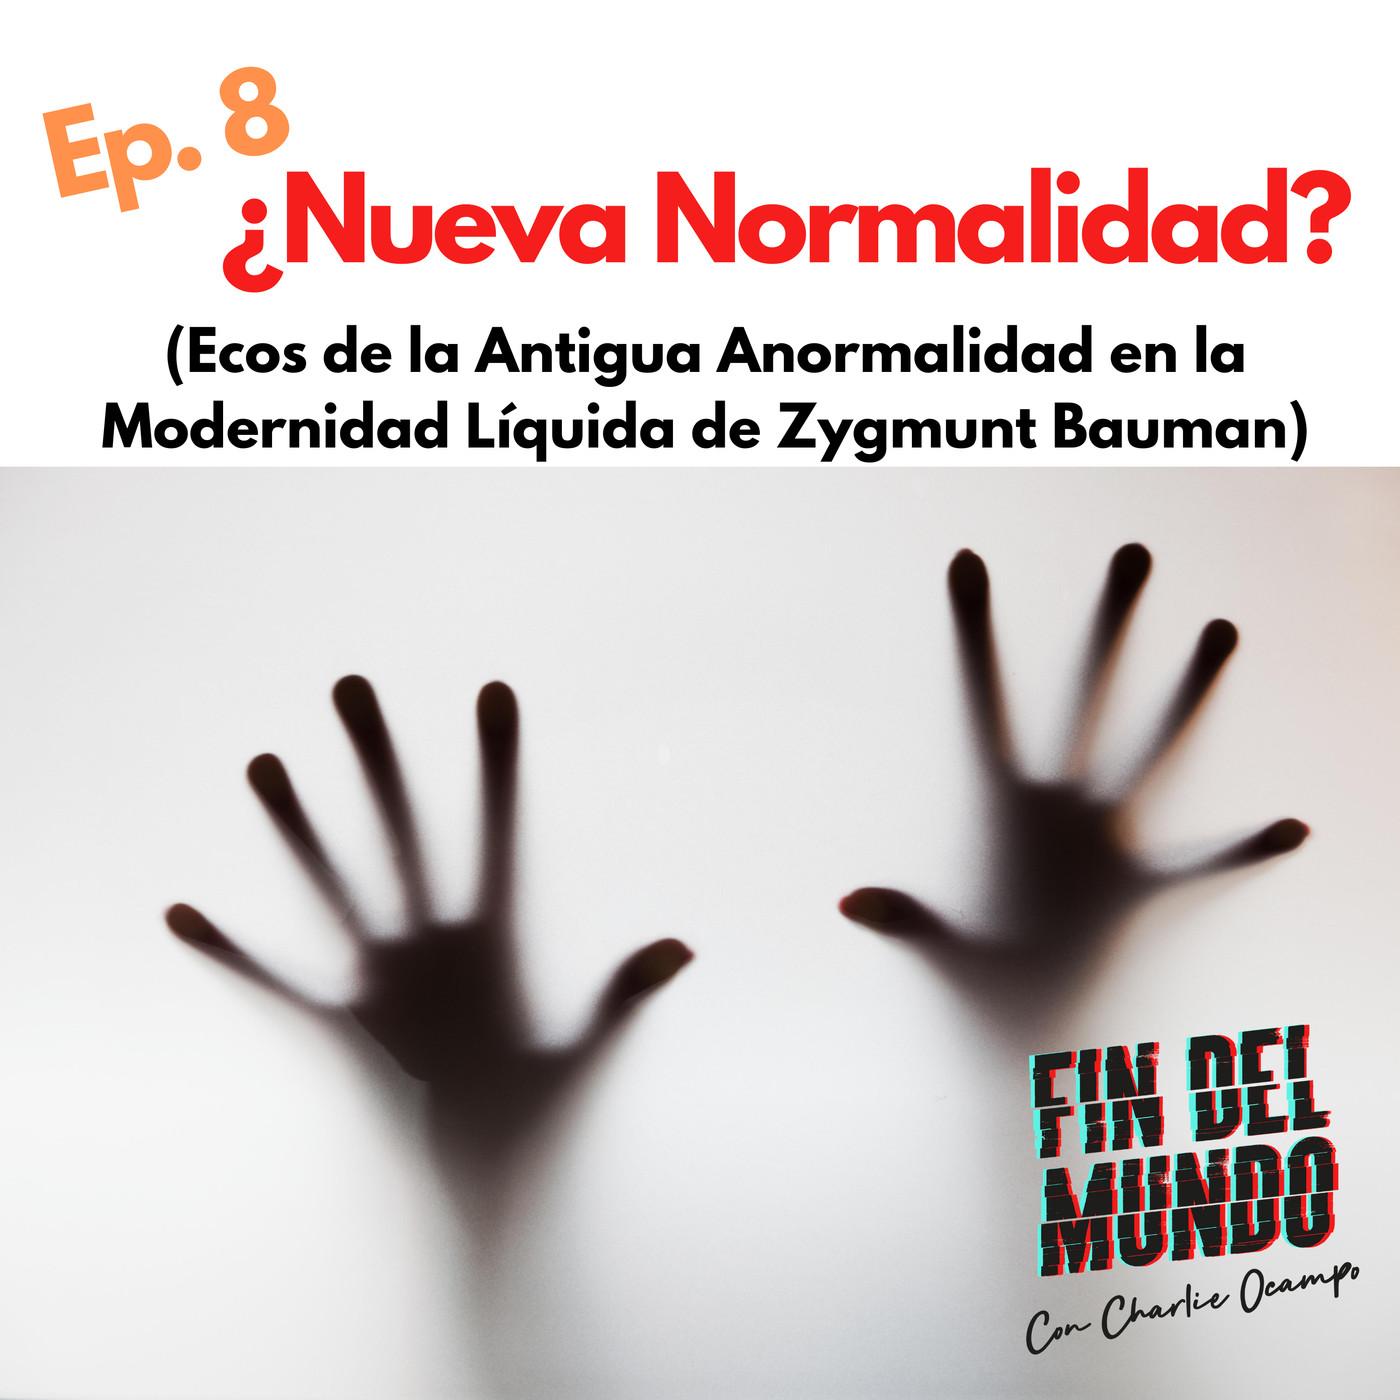 8 ¿NUEVA NORMALIDAD? (Ecos de la Antigua Anormalidad en la Modernidad Líquida de Zygmunt Bauman.